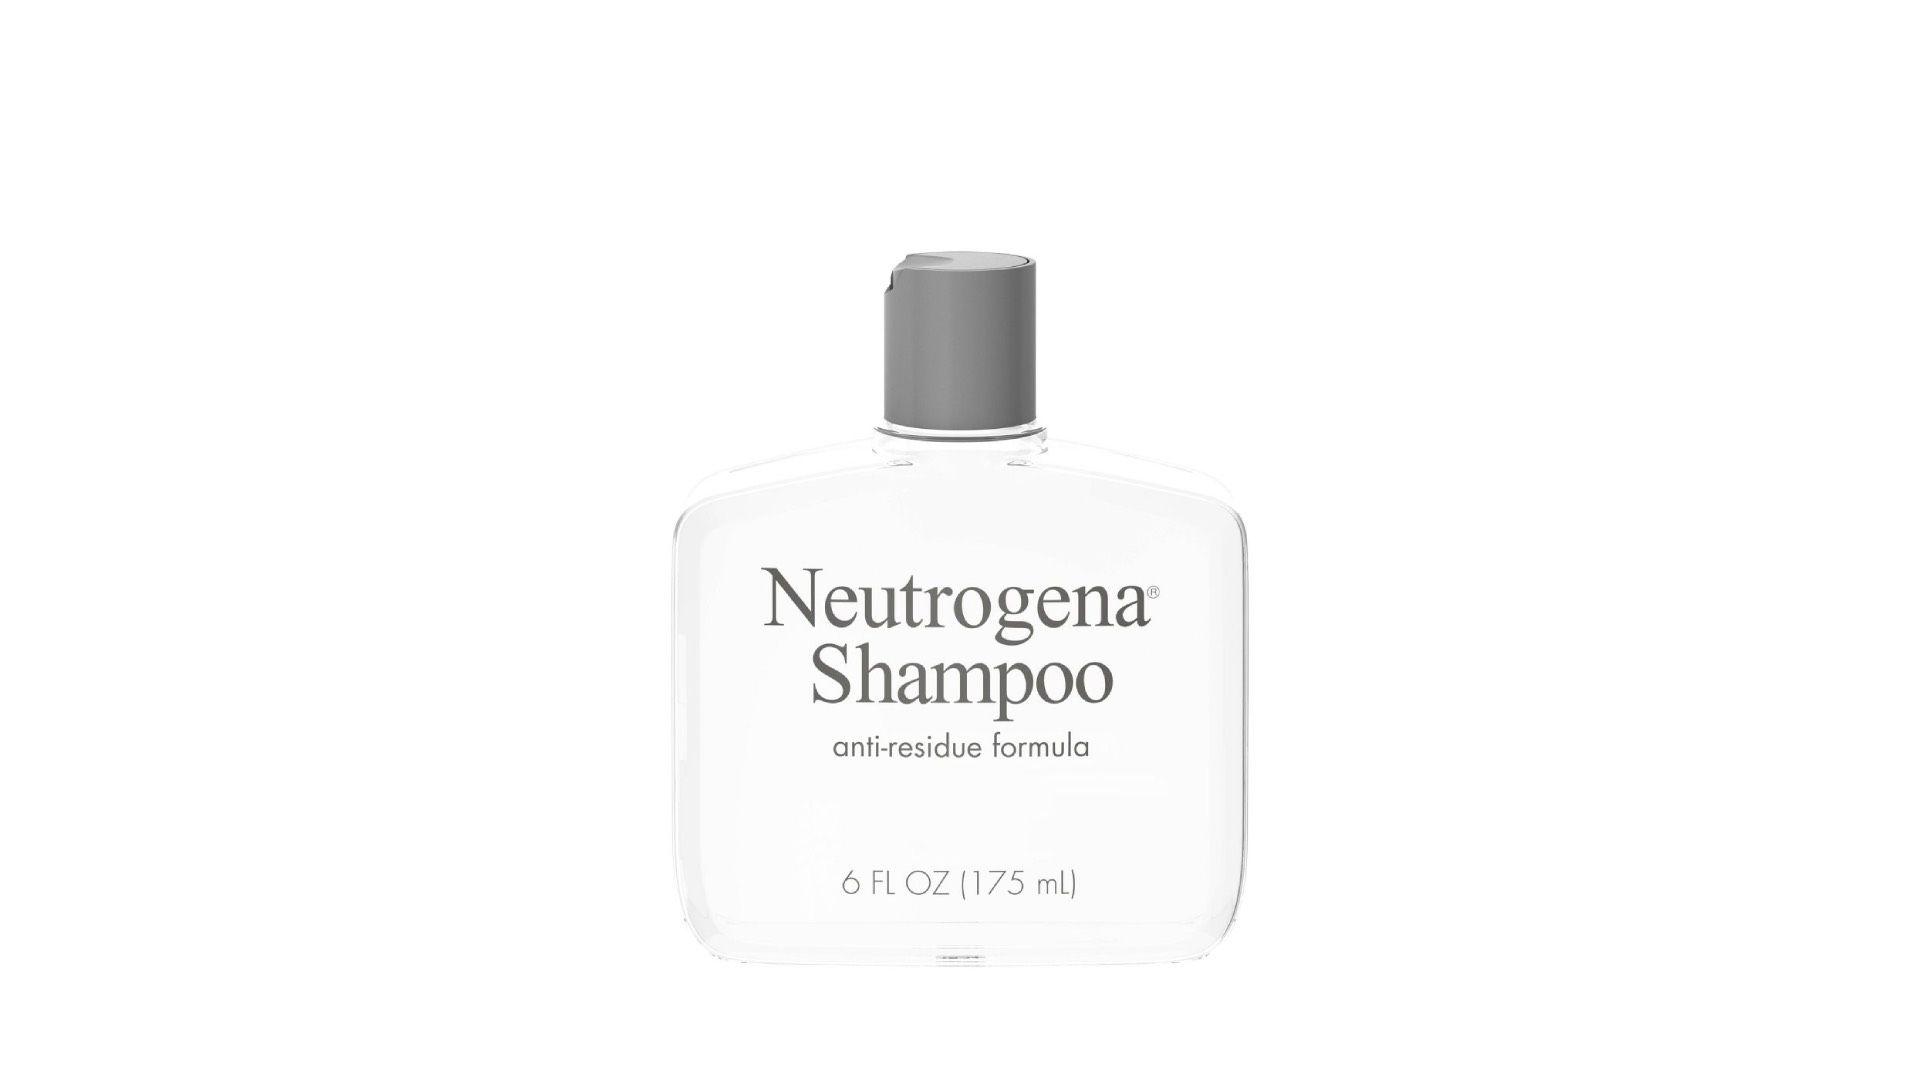 Neurtogena anti-residue shampoo